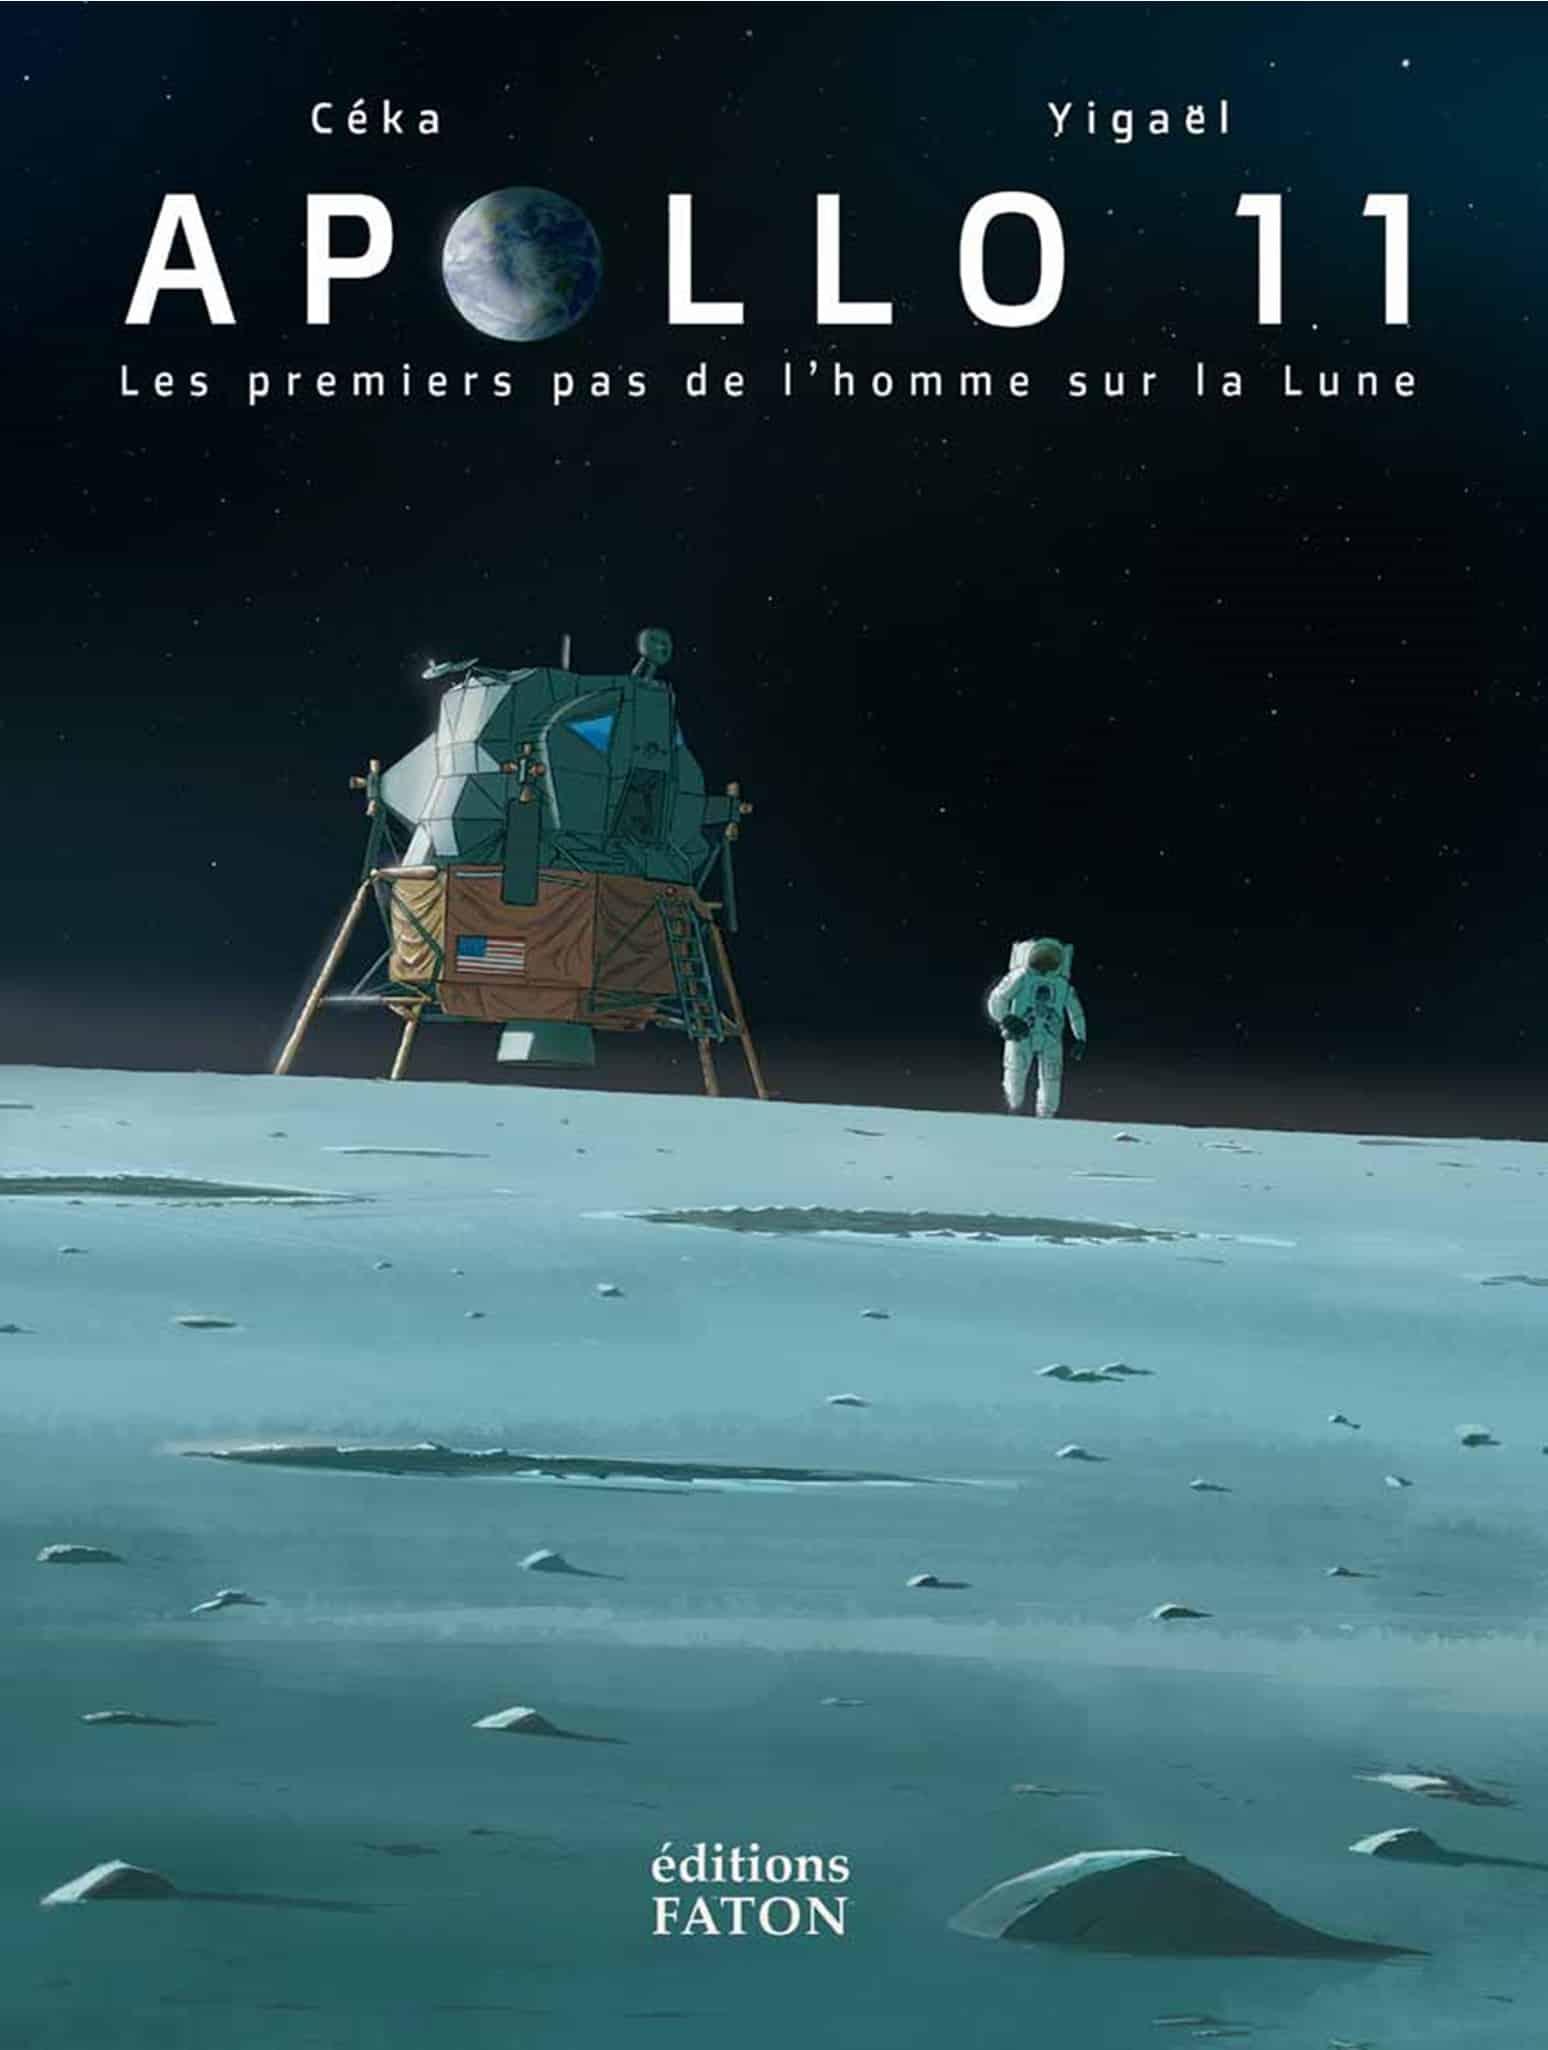 Apollo 11, 50 ans déjà qu'on marchait sur la Lune